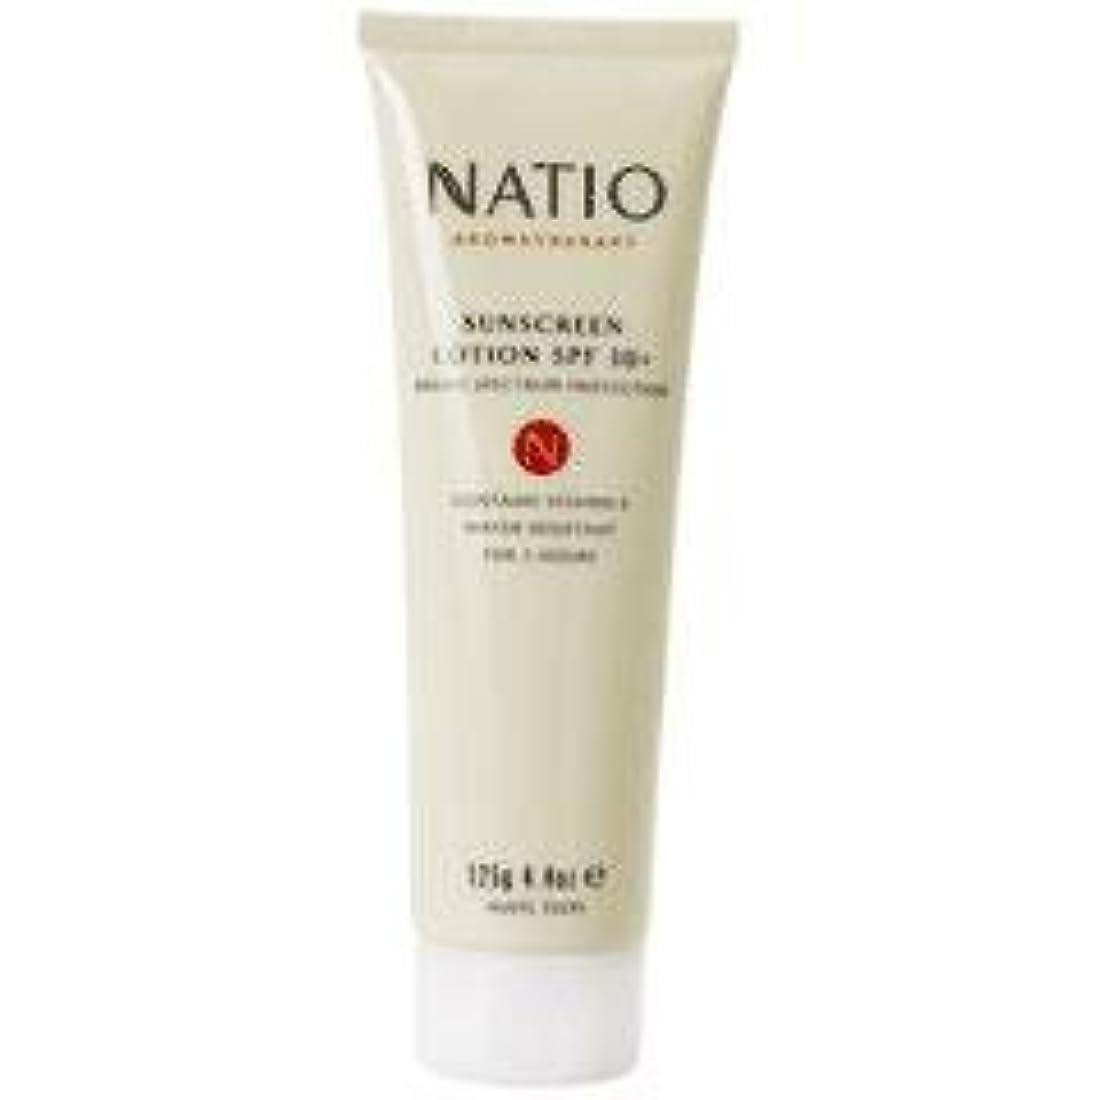 調停者他の日免疫する【NATIO Aromatherapy Sunscreen Lotion SPF30+】 ナティオ  日焼け止めクリーム SPF30+ [海外直送品]